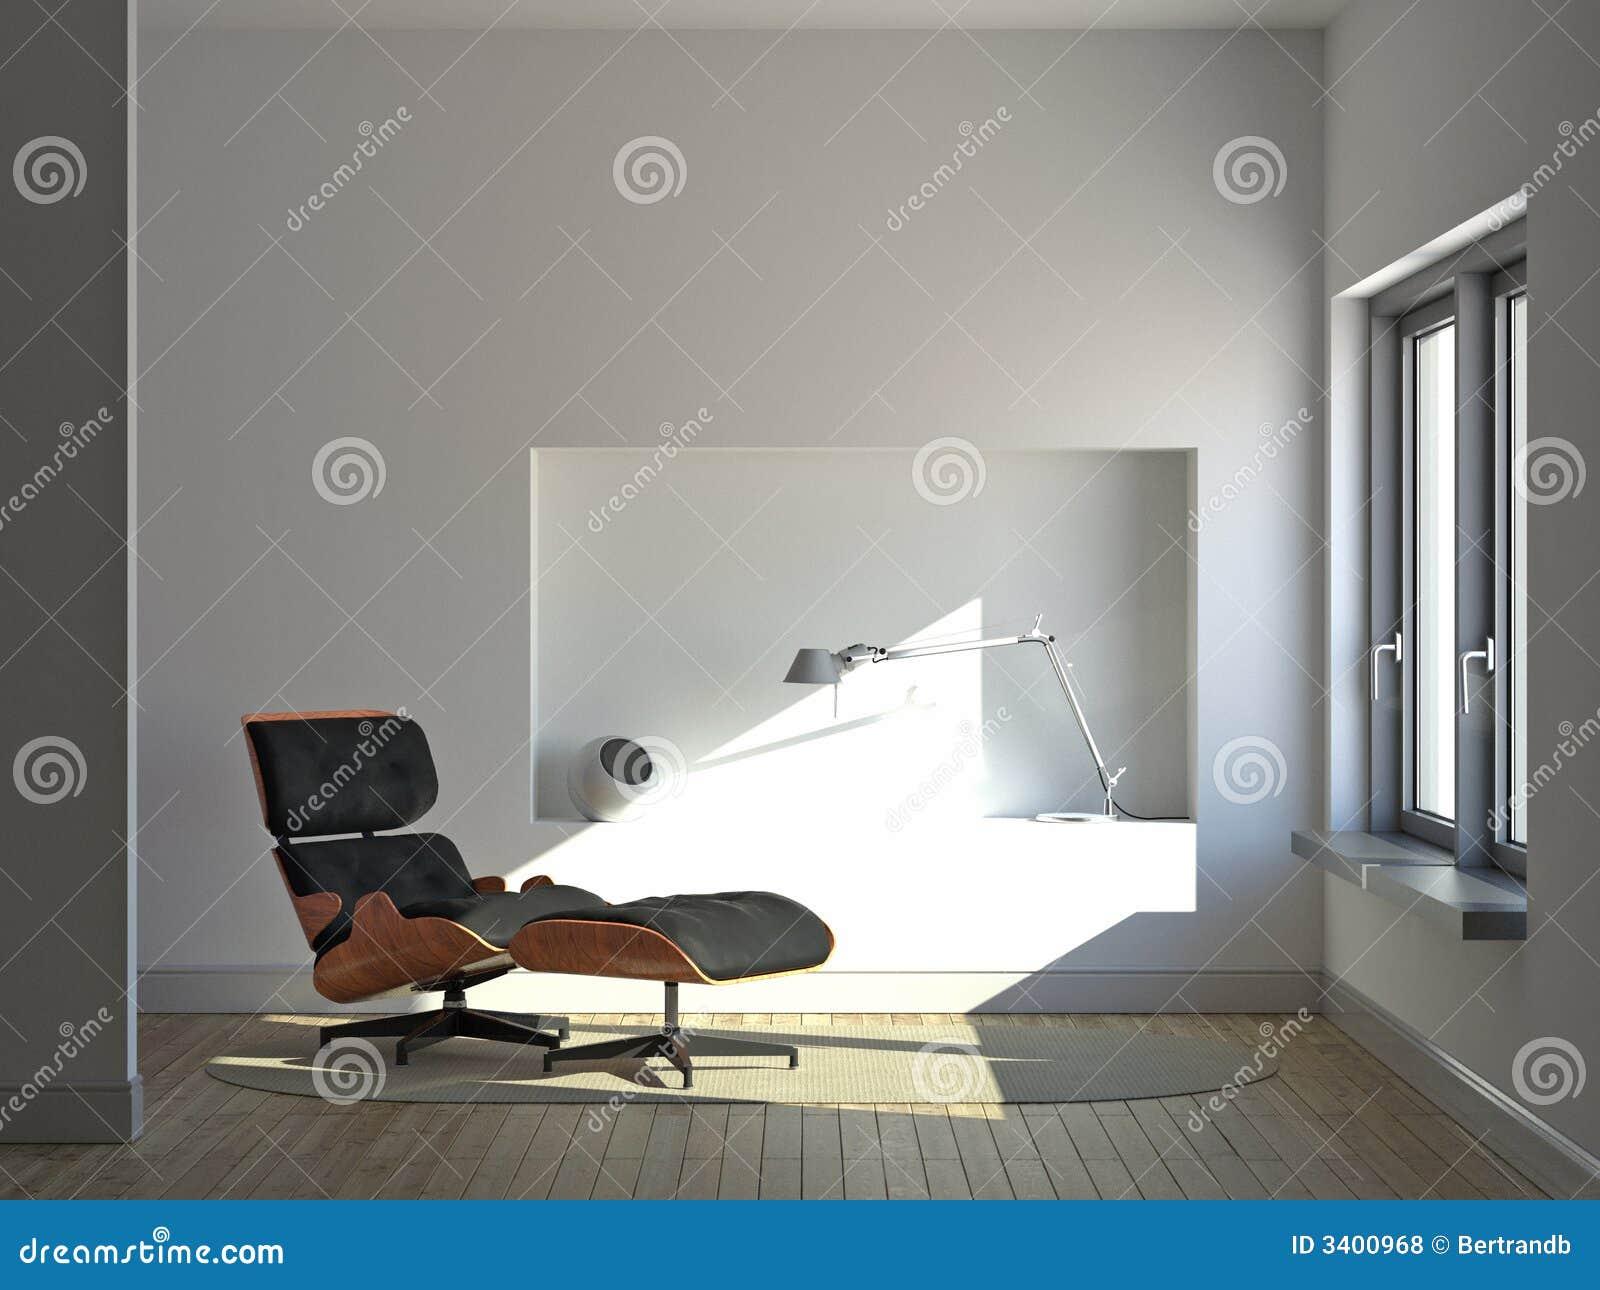 Quiet minimalist interior